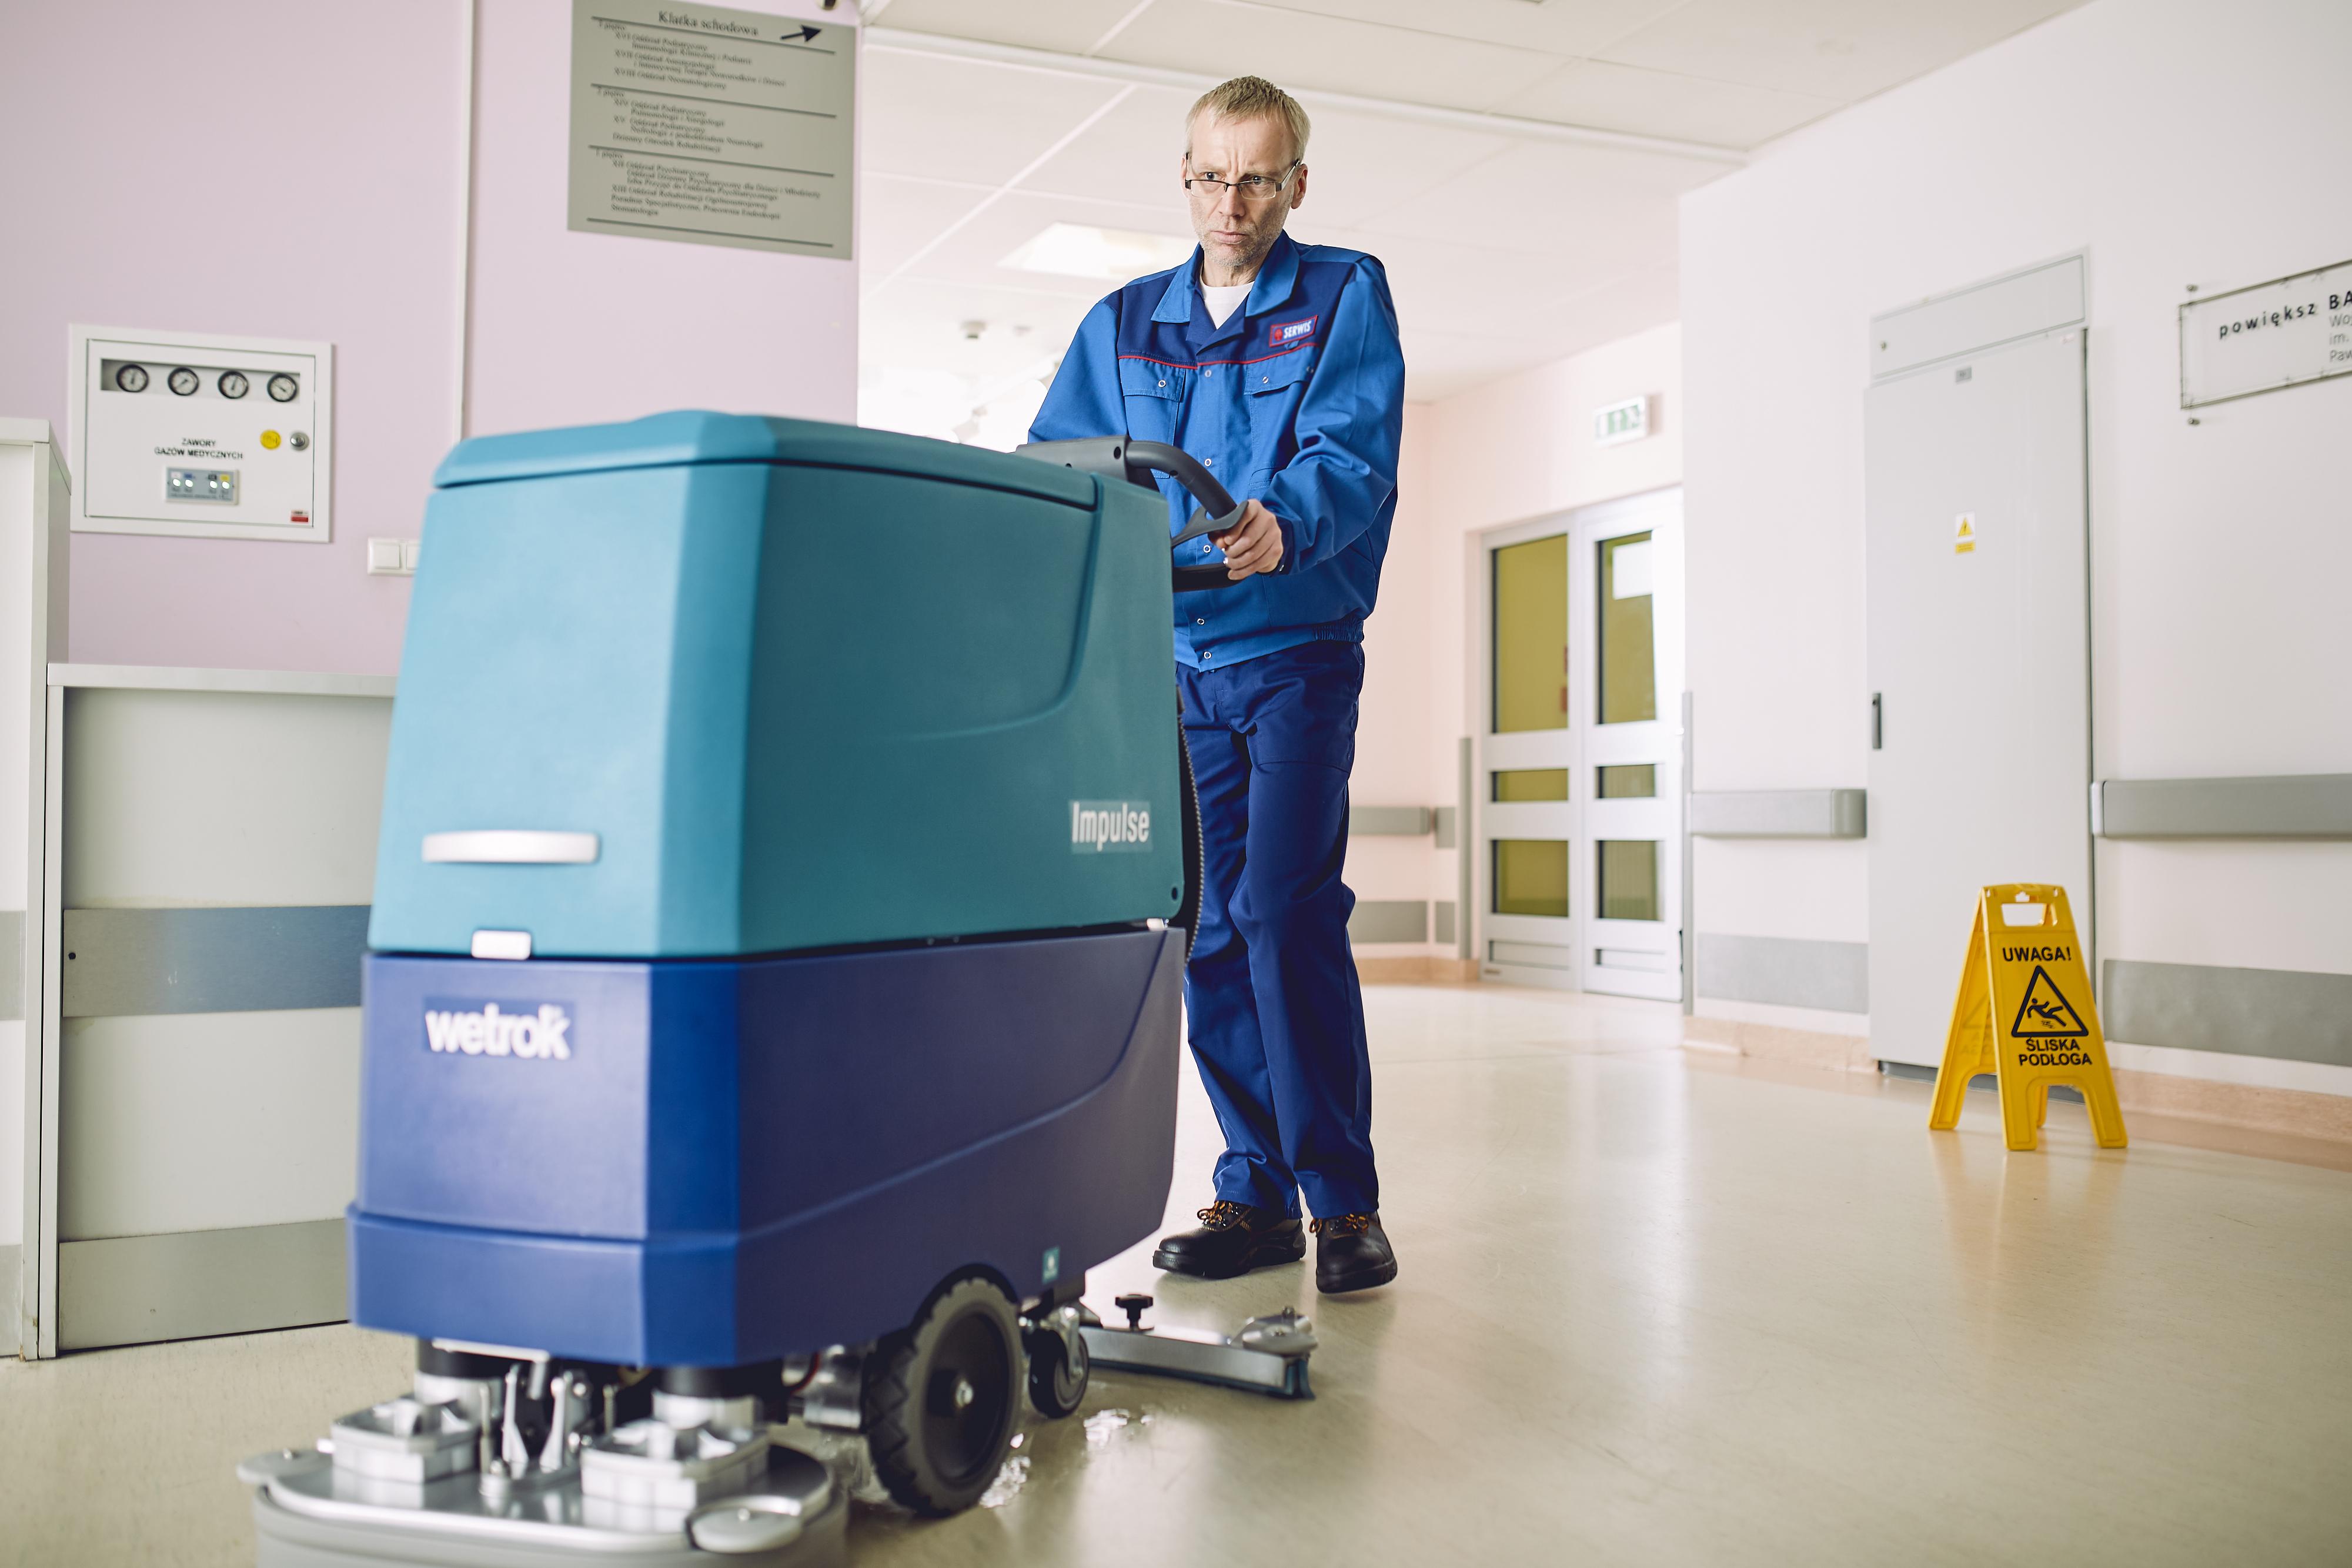 Co pół roku szkołą współpracującą z Sanpro będzie opuszczać 100 wykształconych według polskich i europejskich standardów pielęgniarek gotowych do pracy. (fot. materiały prasowe)